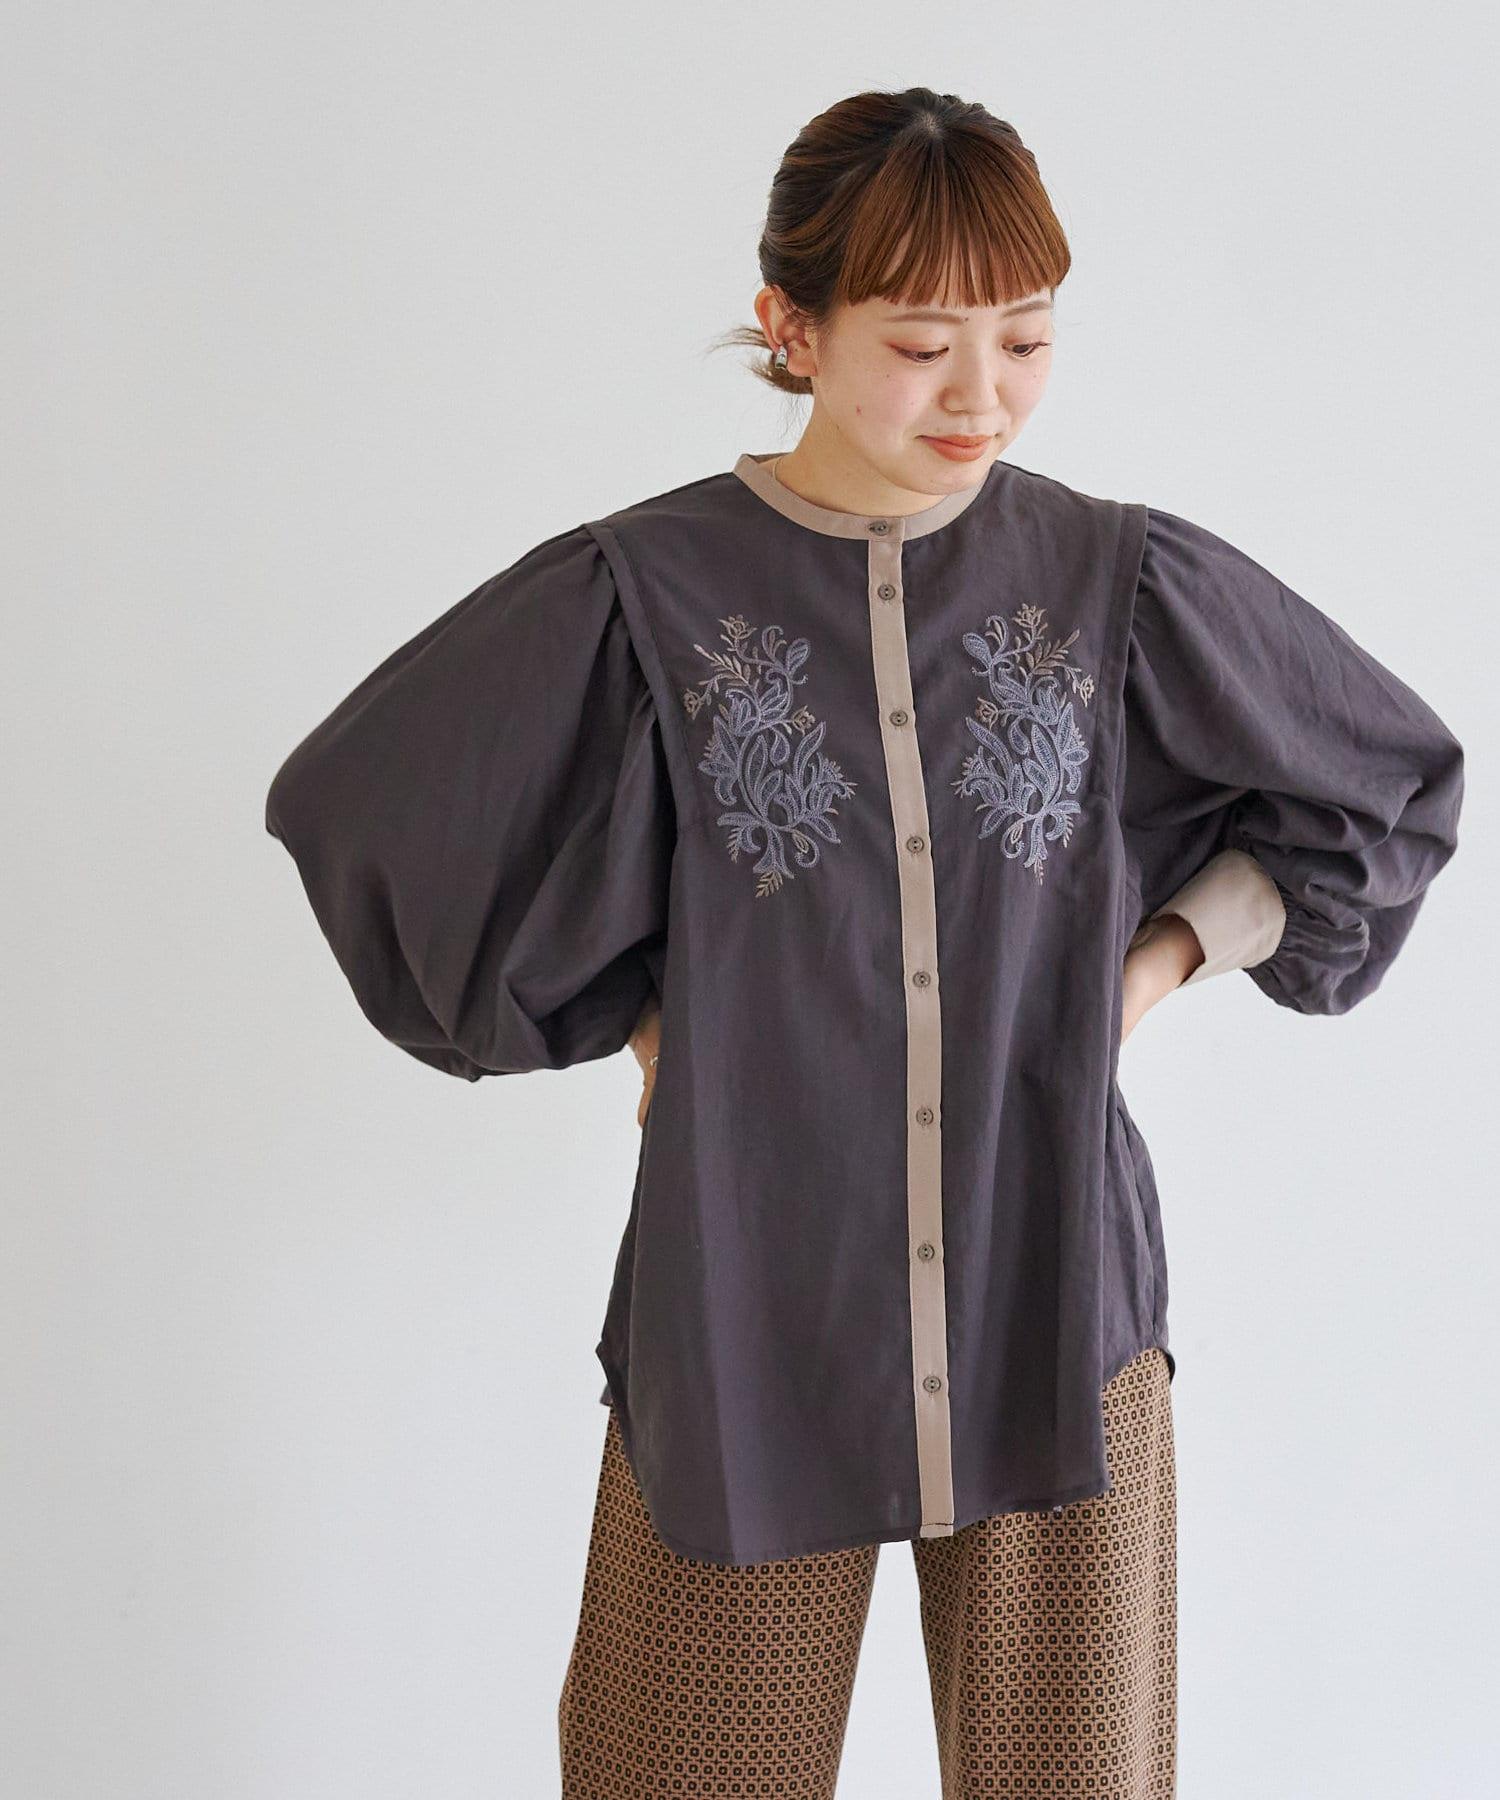 CPCM(シーピーシーエム) 袖ボリューム肩切替刺繍チュニック